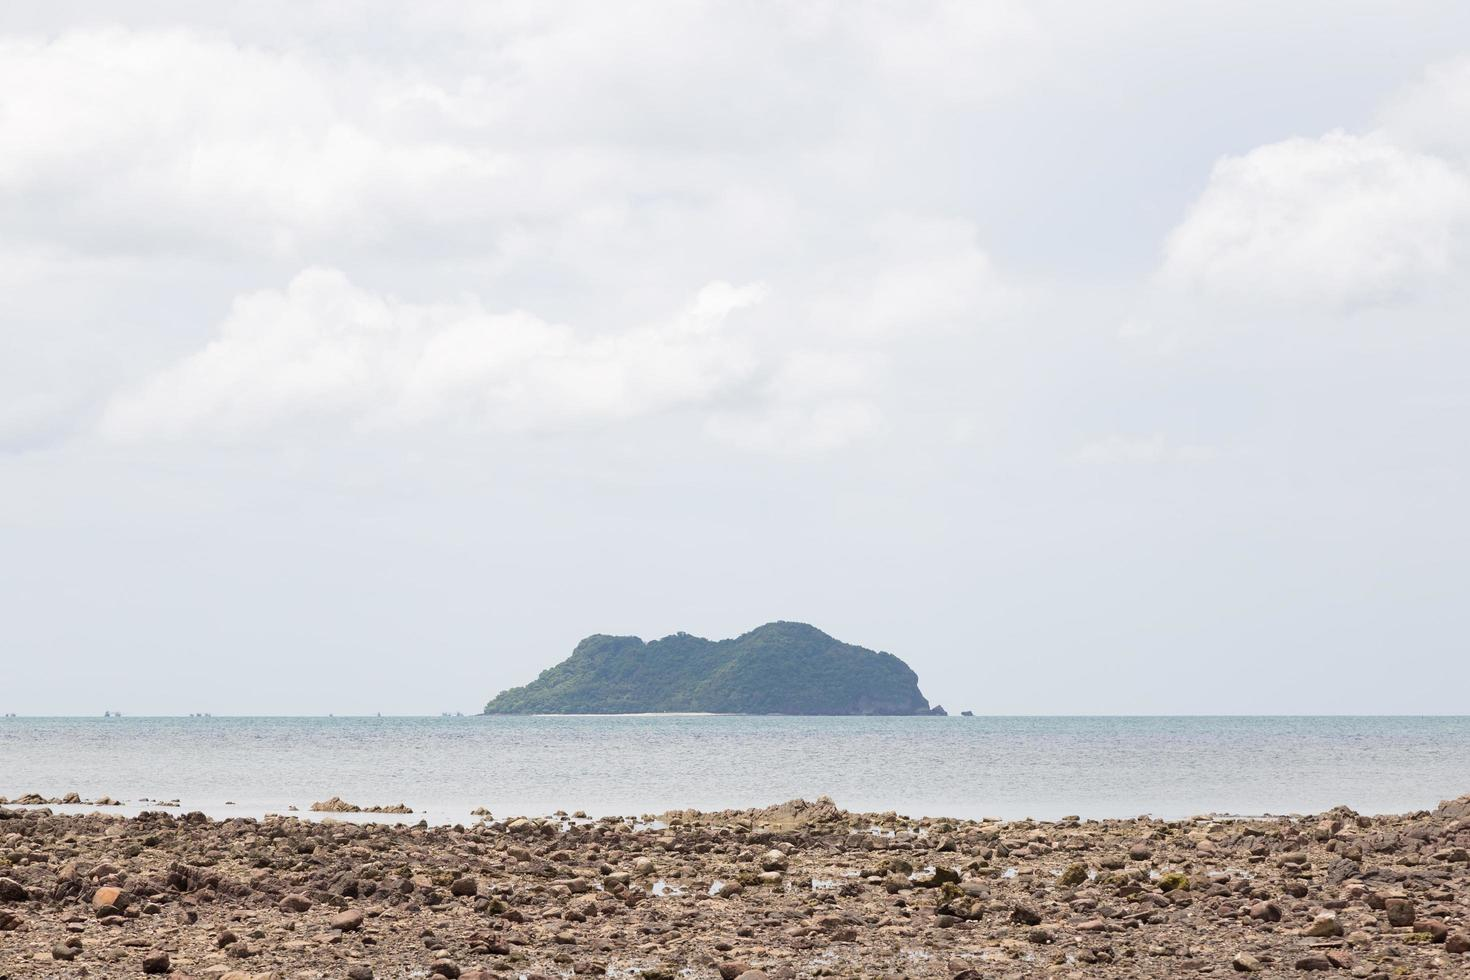 île et plage en thaïlande photo